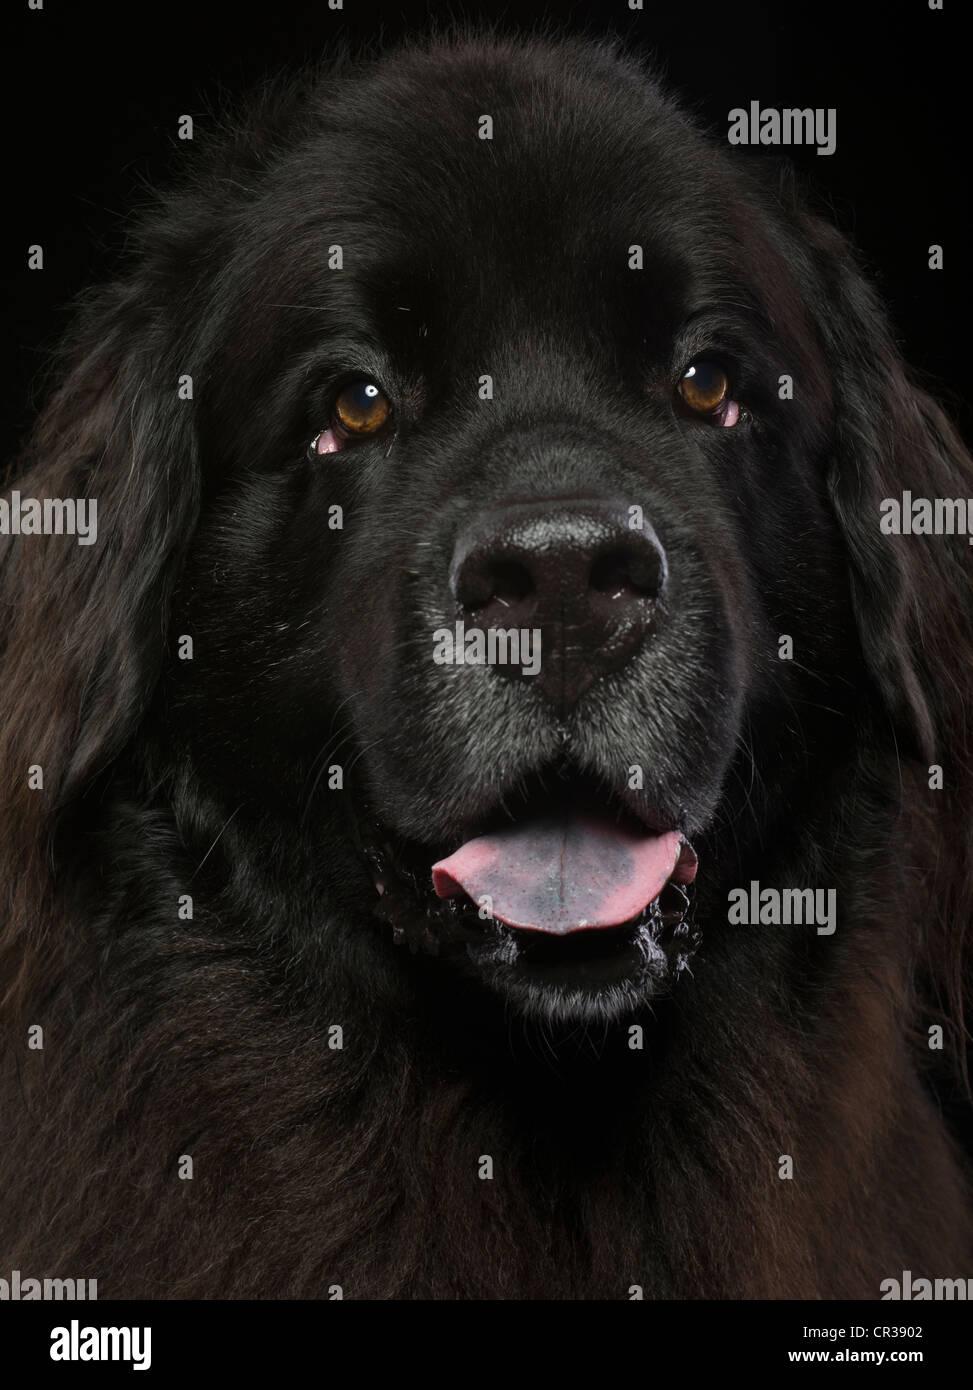 Newfoundland Dog portrait - Stock Image